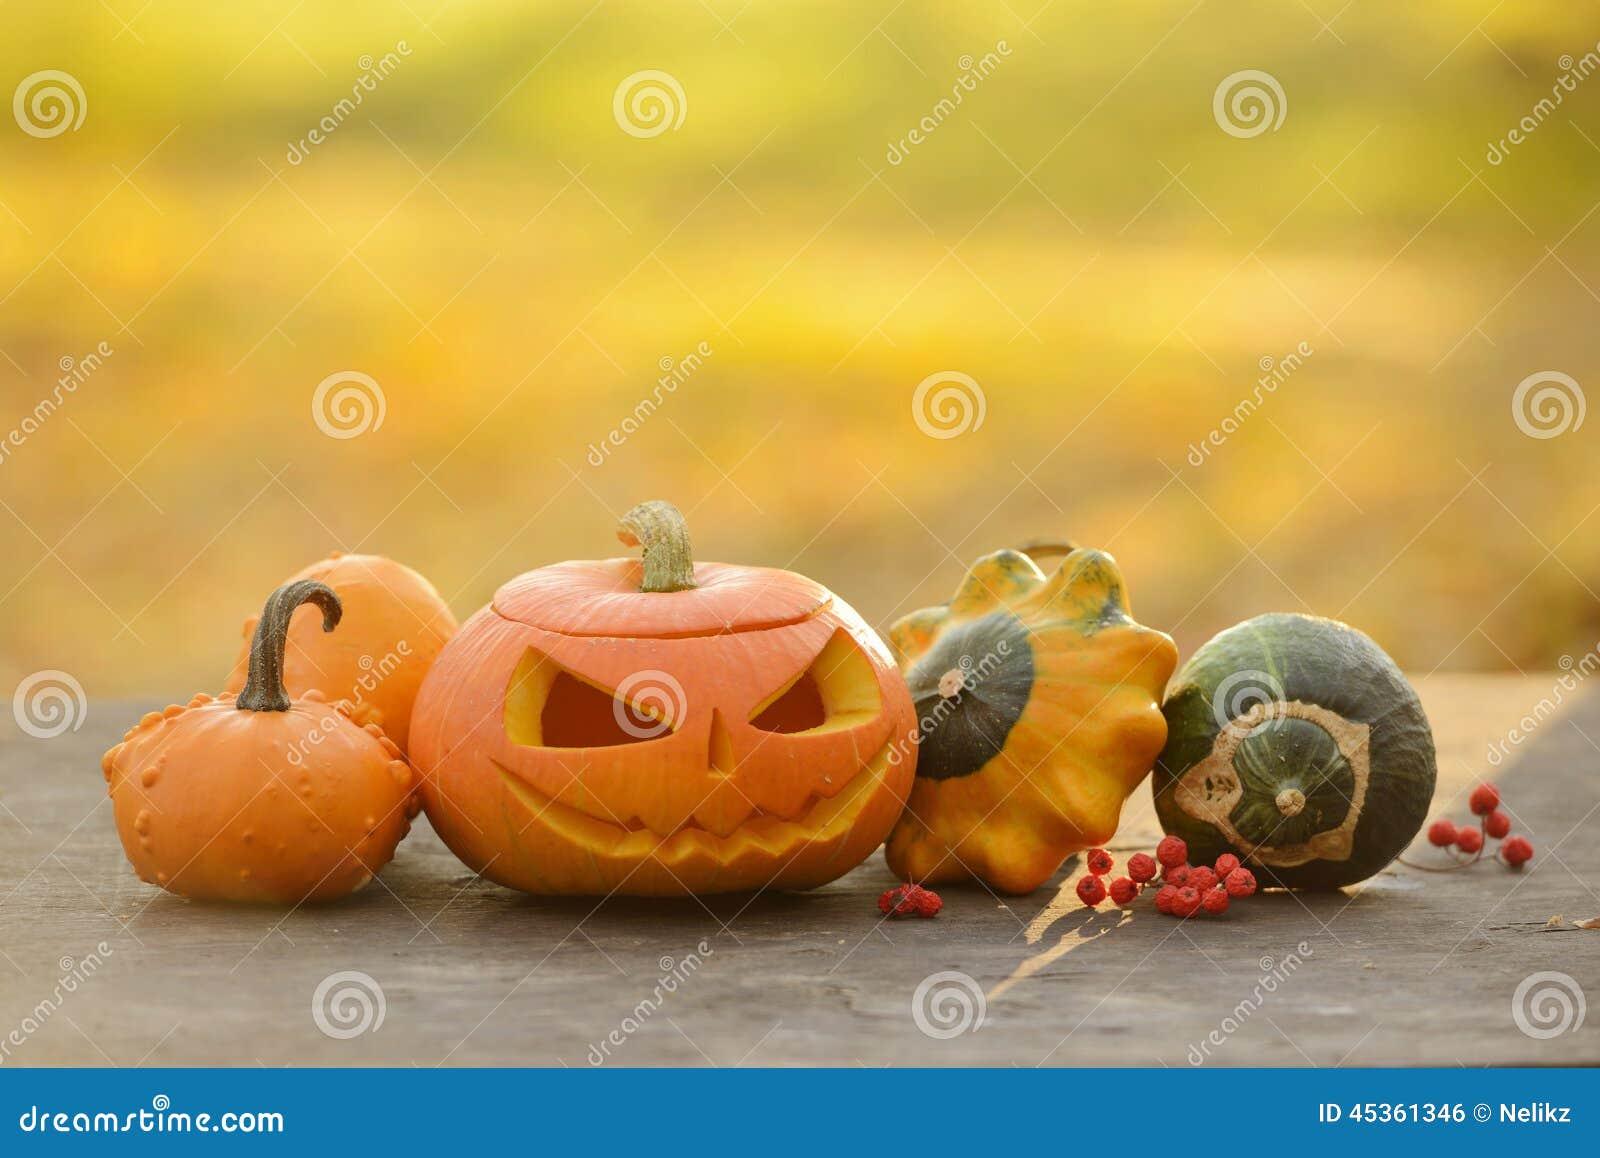 Halloween-Kürbis auf hölzernen Planken